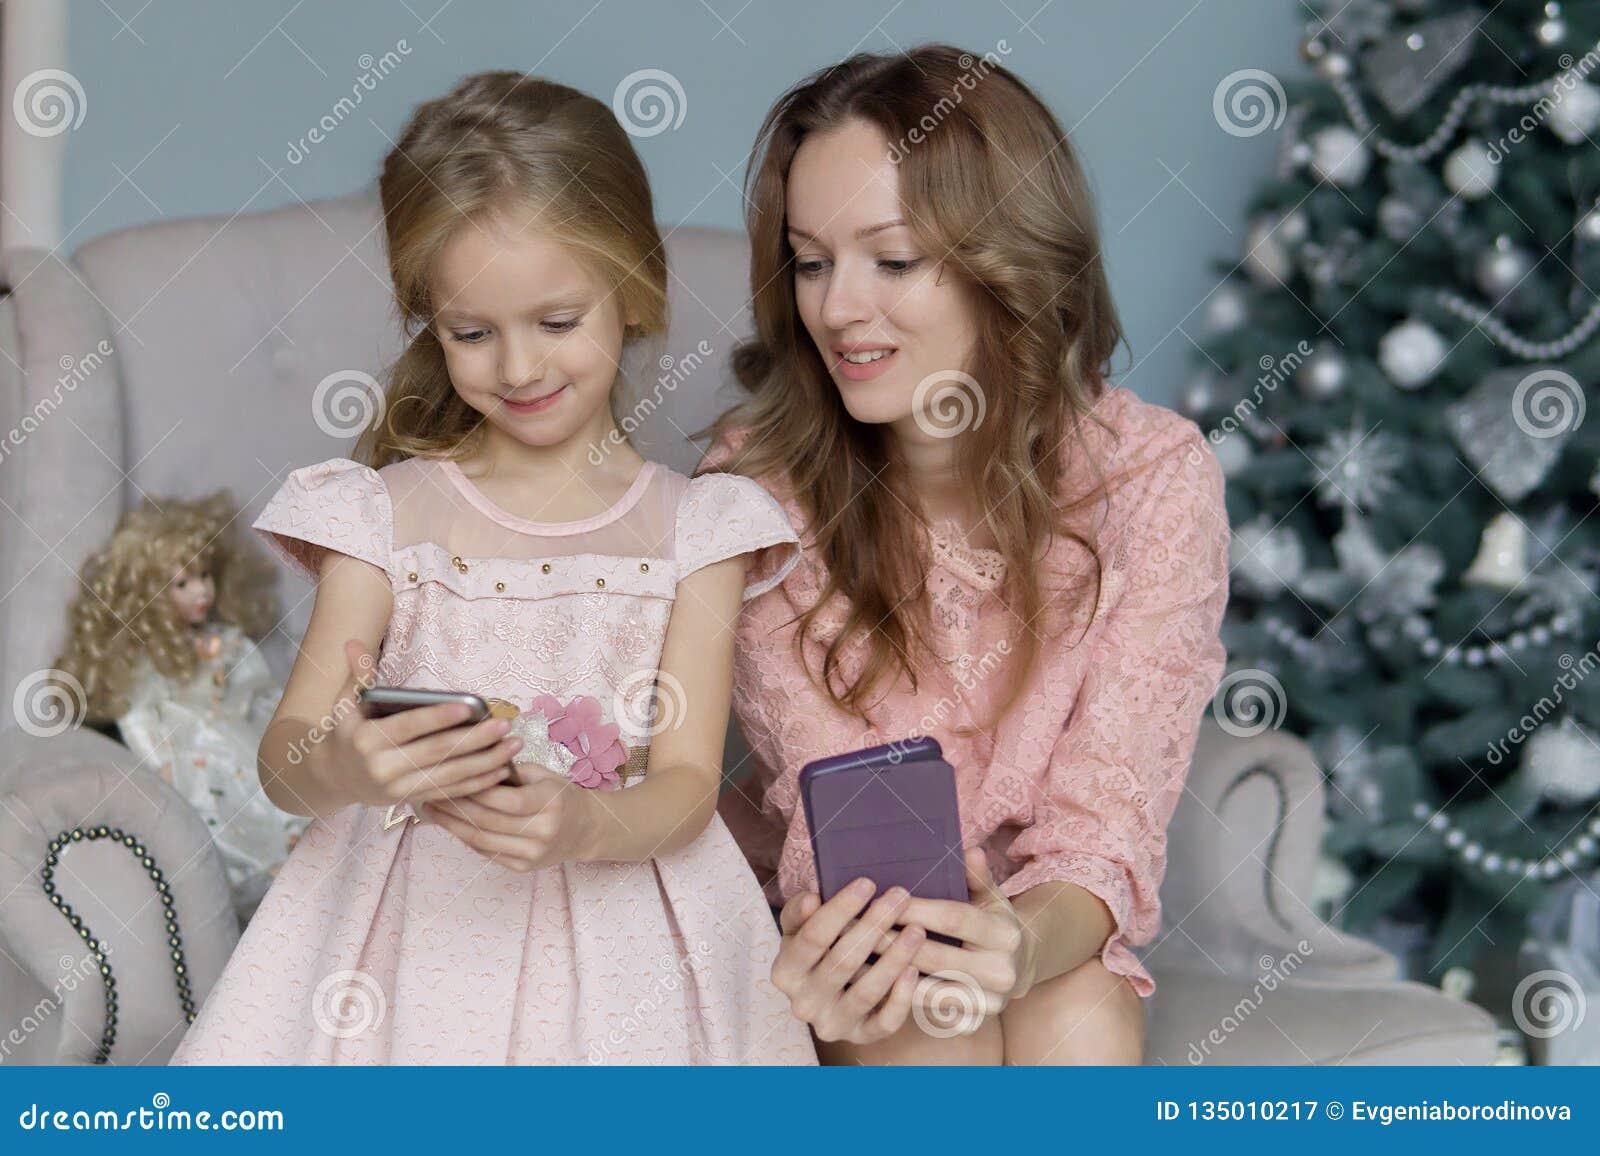 La mujer rubia en una blusa rosada se sienta en el sofá y sostiene un teléfono móvil en una caja púrpura al lado de hija las mira